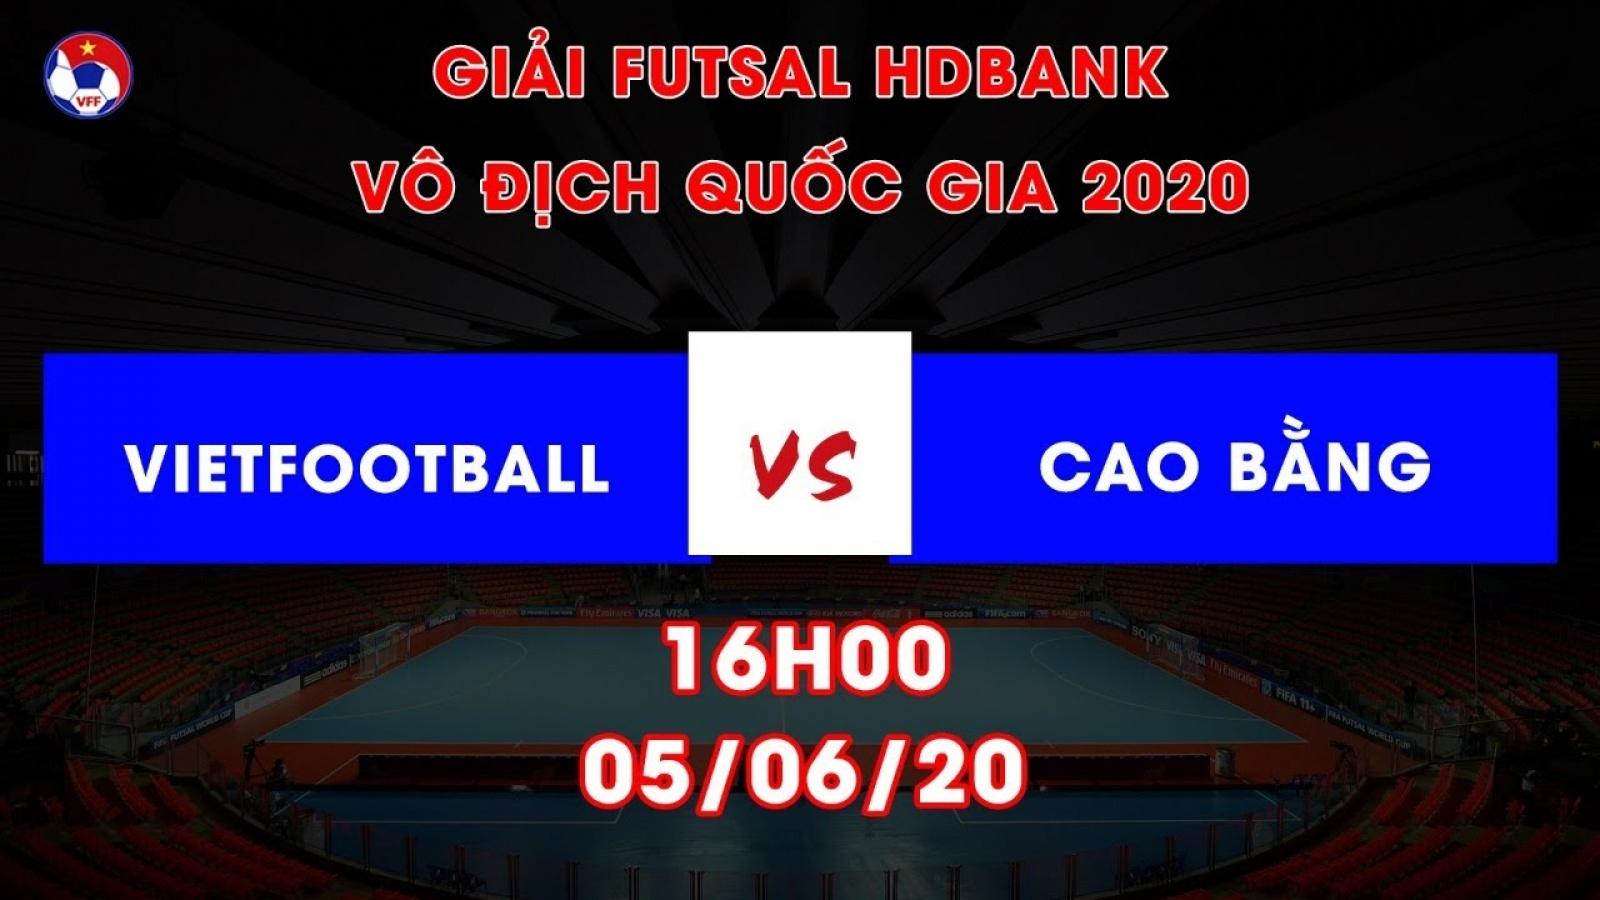 Xem trực tiếp Vietfootball vs Cao Bằng Giải Futsal HDBank VĐQG 2020